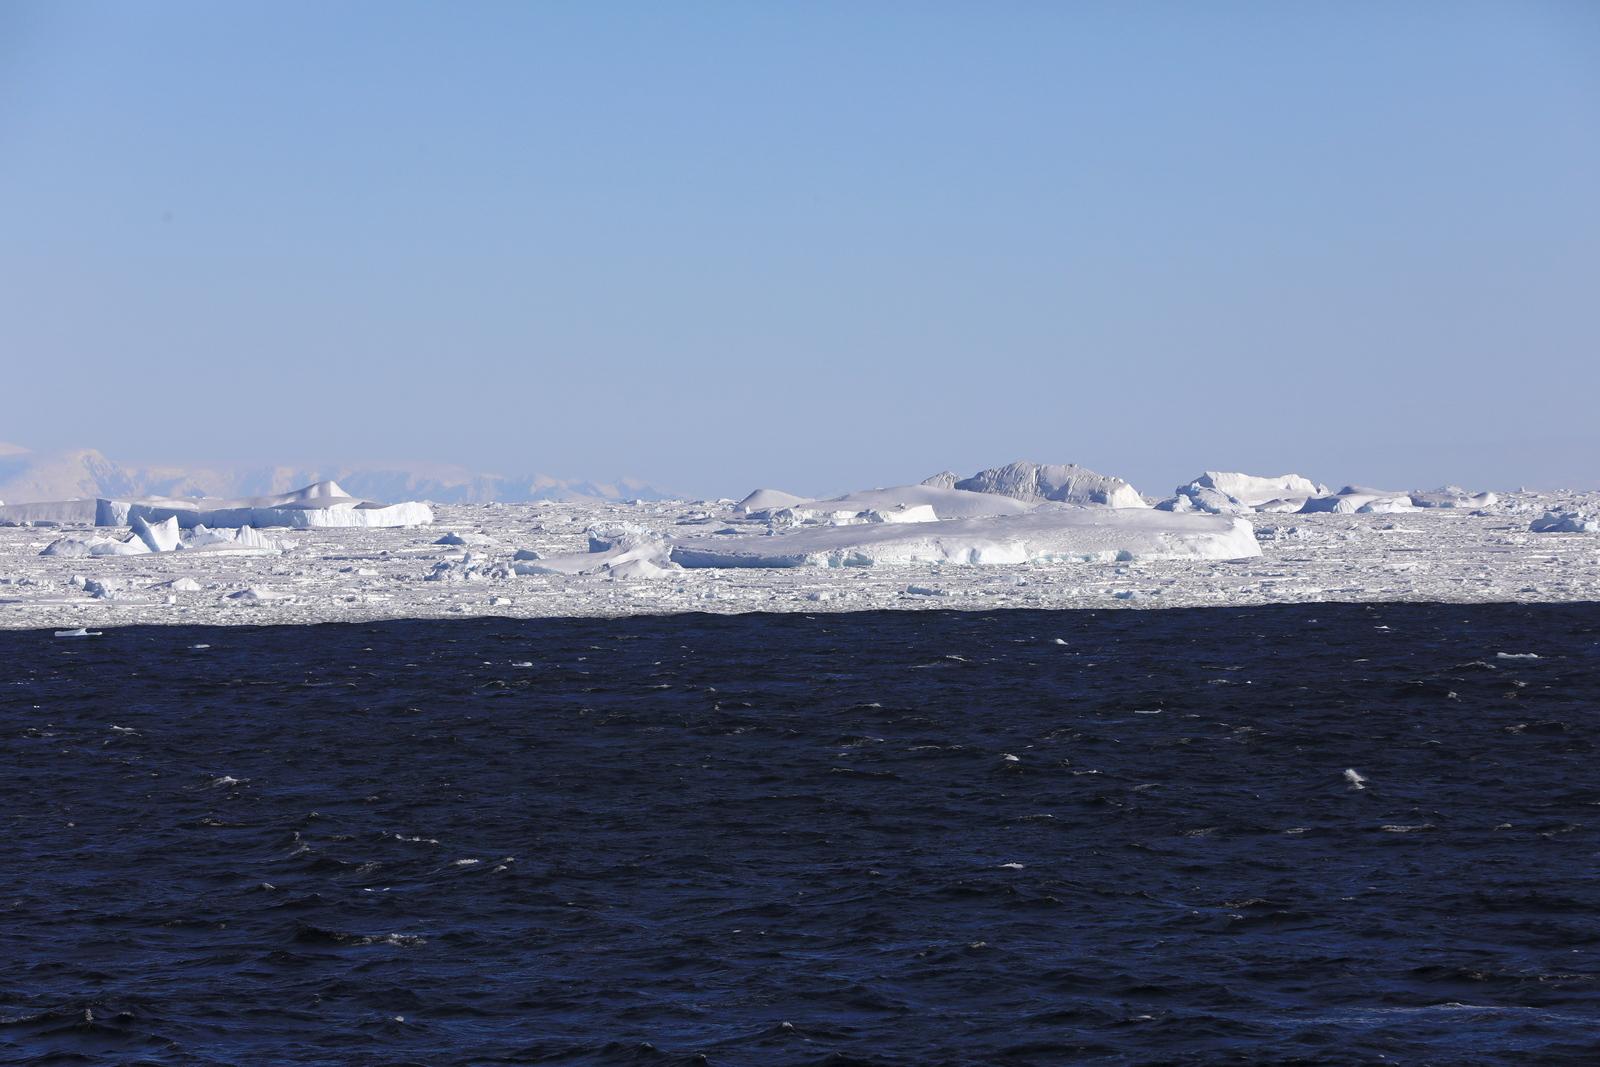 1702_Antarctique_02548_c_sm.jpg